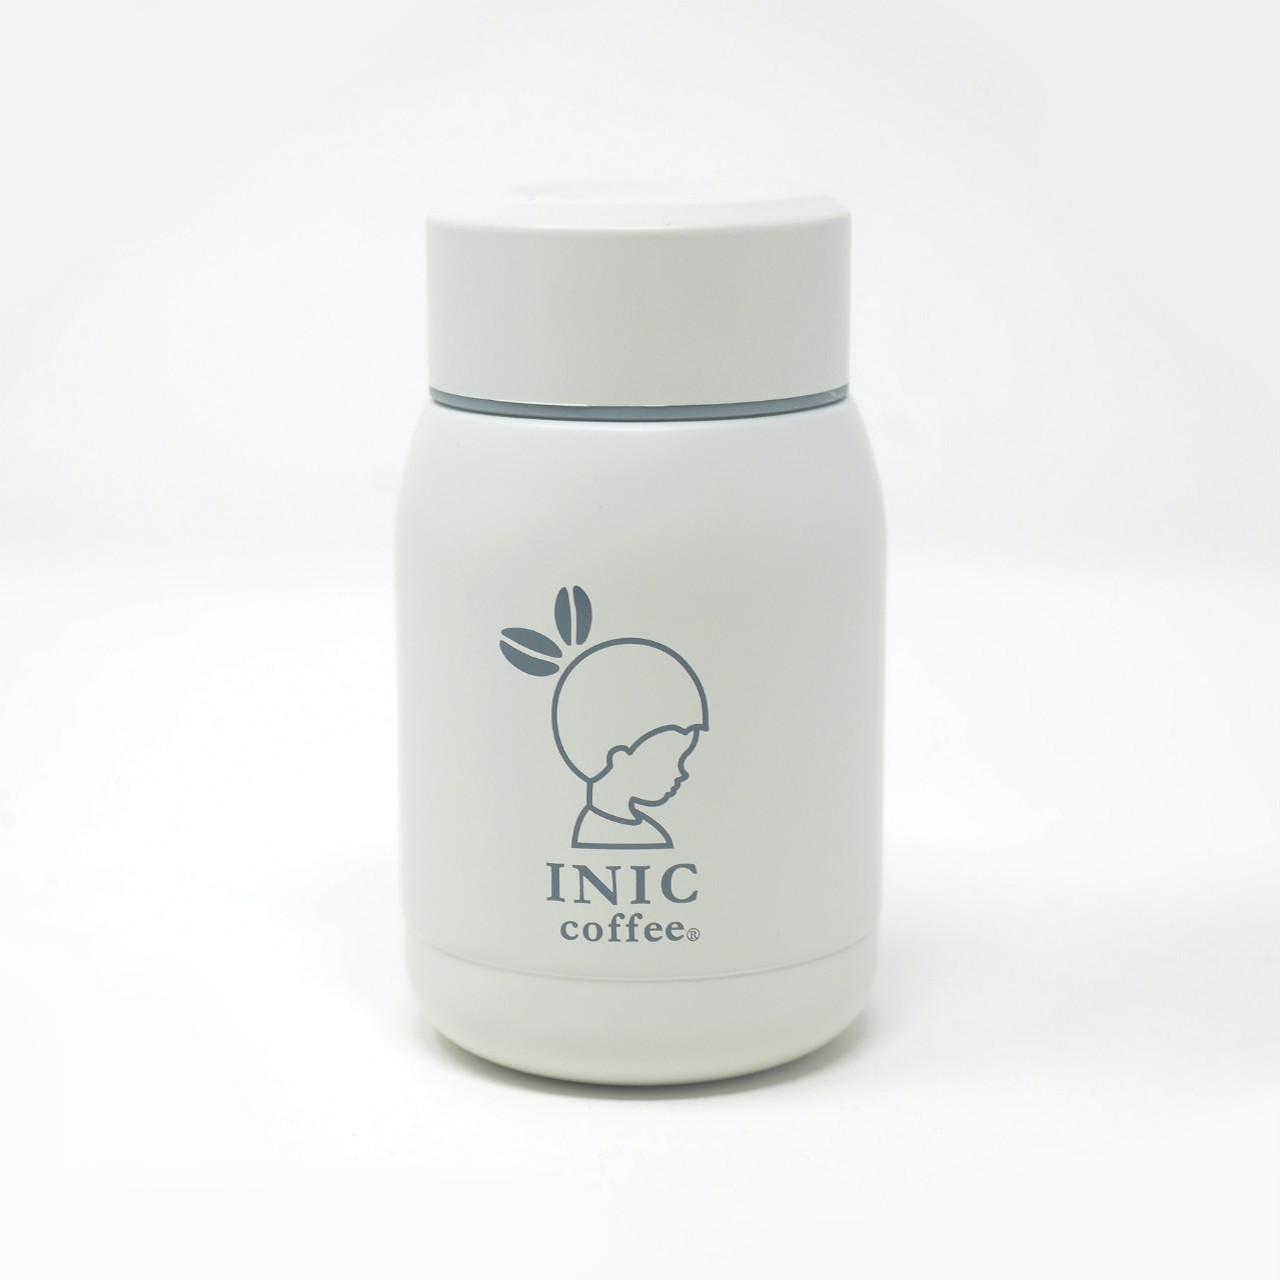 INIC×カフア ステンレスボトル ホワイト